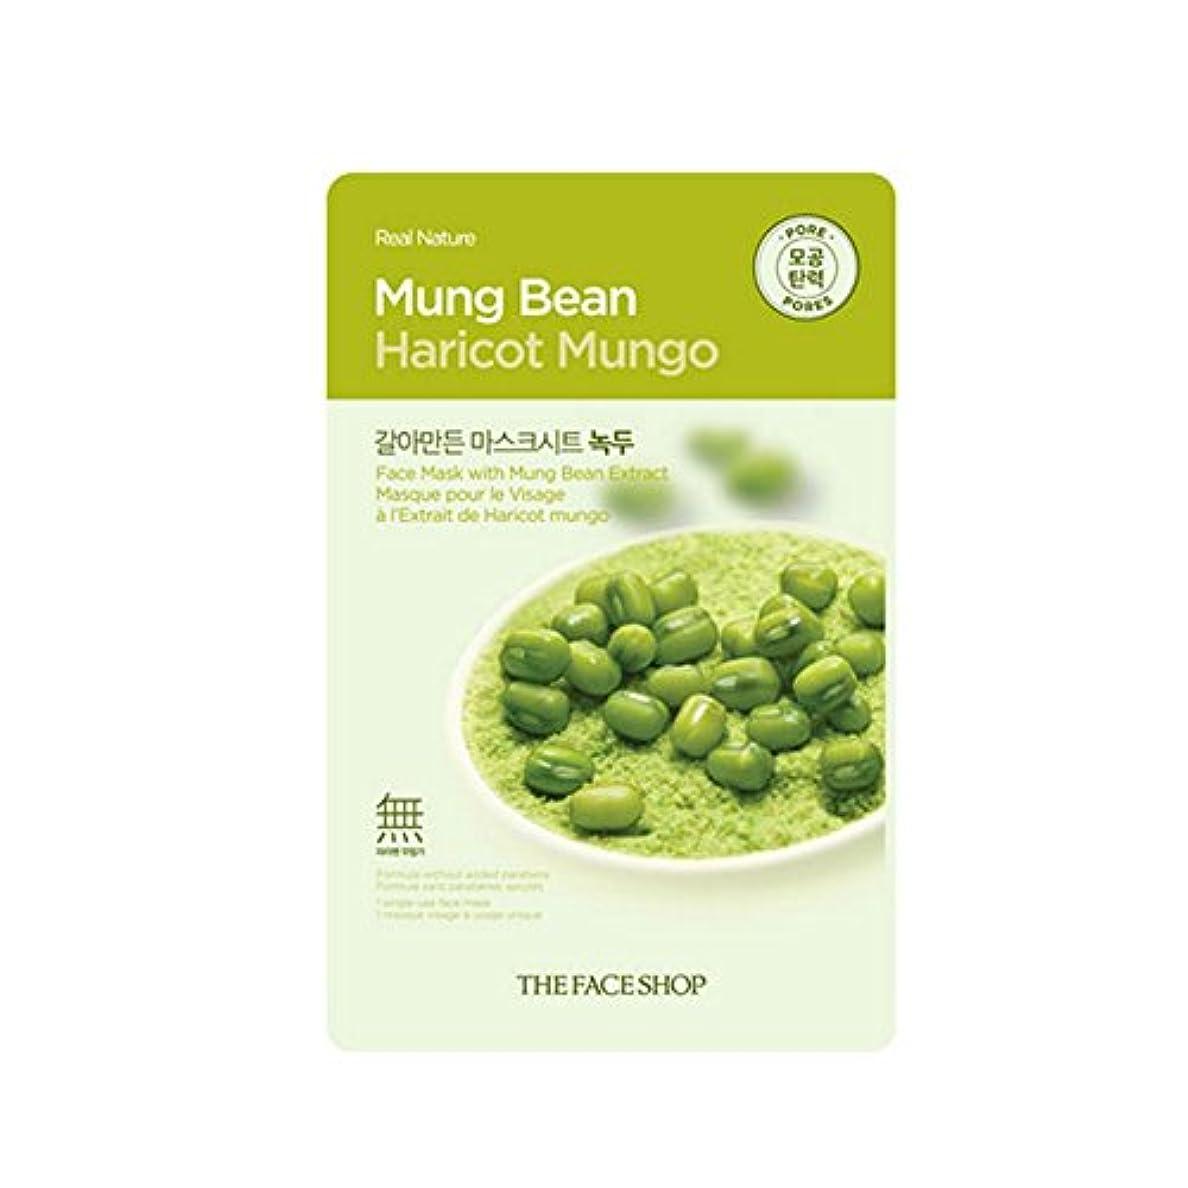 すみません自我暗殺者[The Face Shop] ザフェイスショップ リアルネイチャーマスクシート Real Nature Mask Sheet (Mung Bean (緑豆) 10個) [並行輸入品]